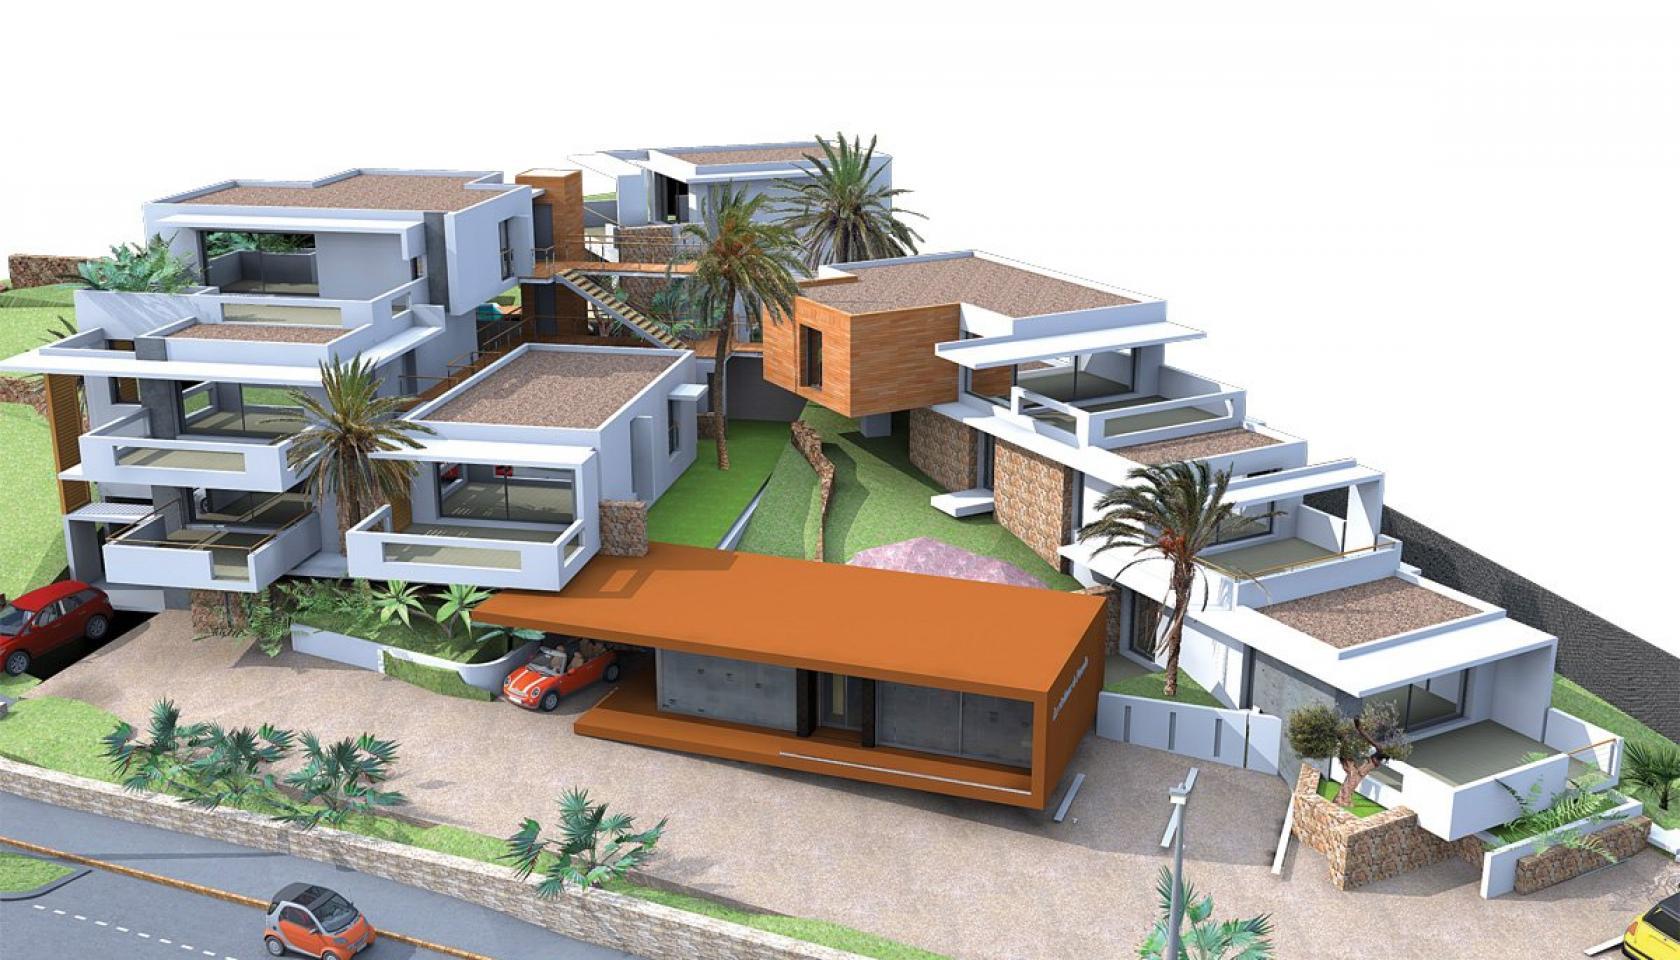 Quels sont les avantages à investir dans un projet immobilier à Sète